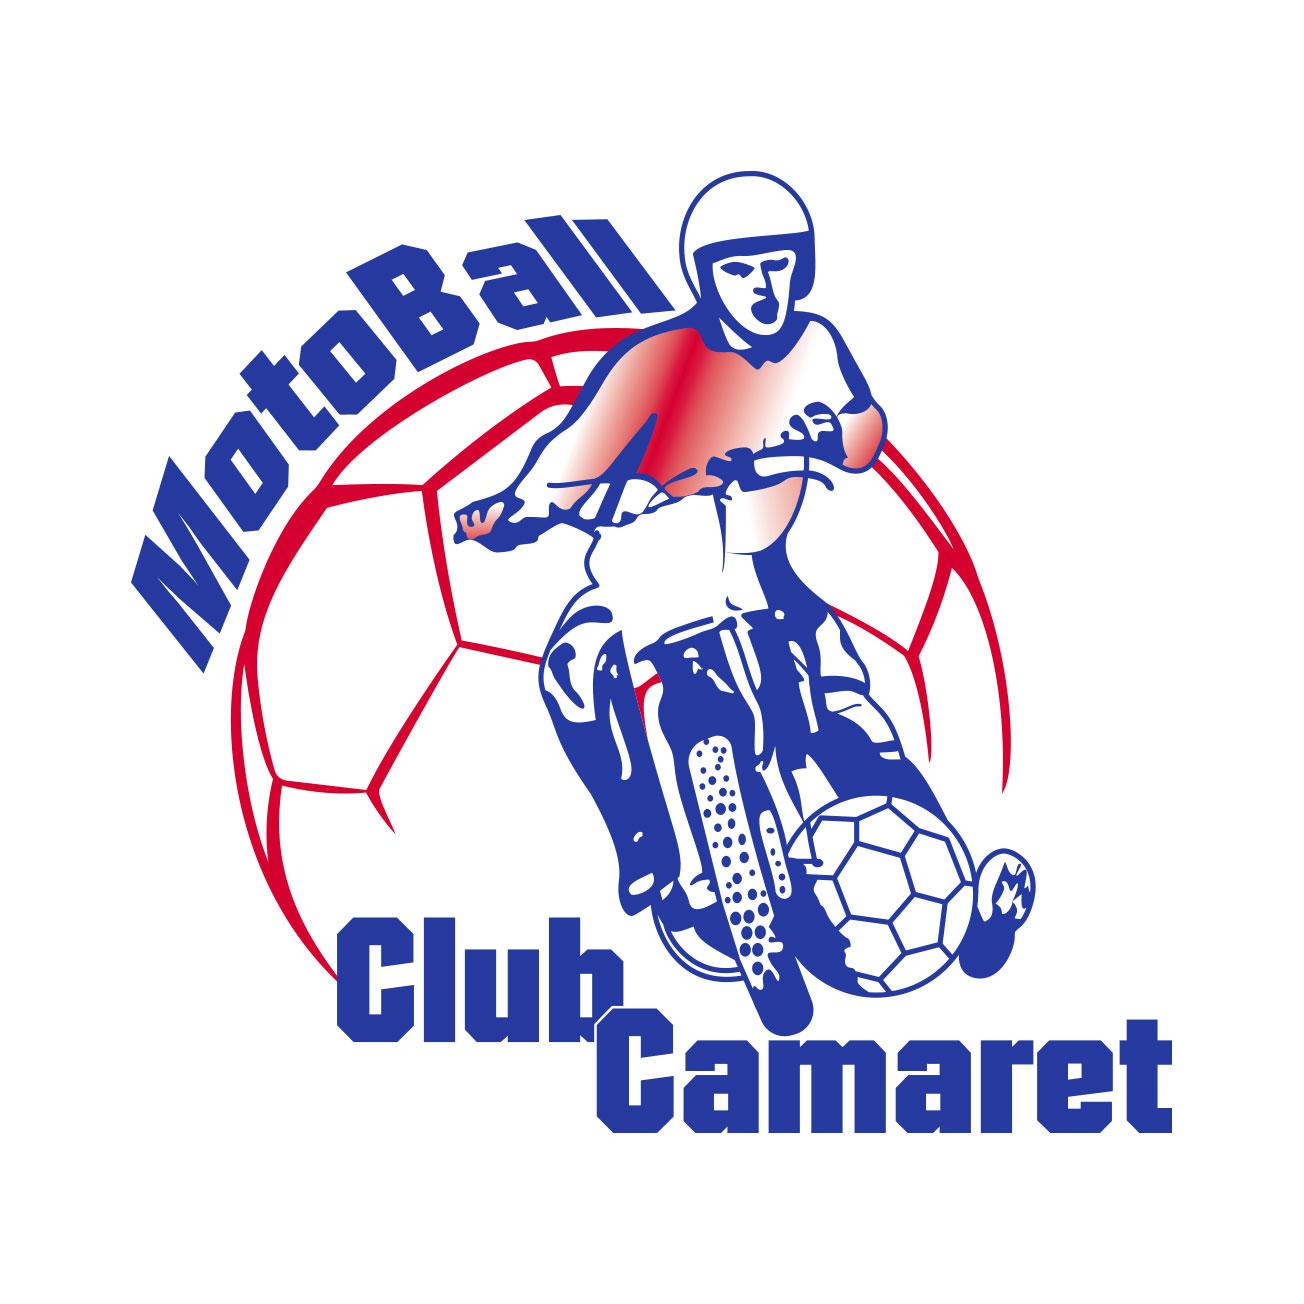 MBC CAMARET